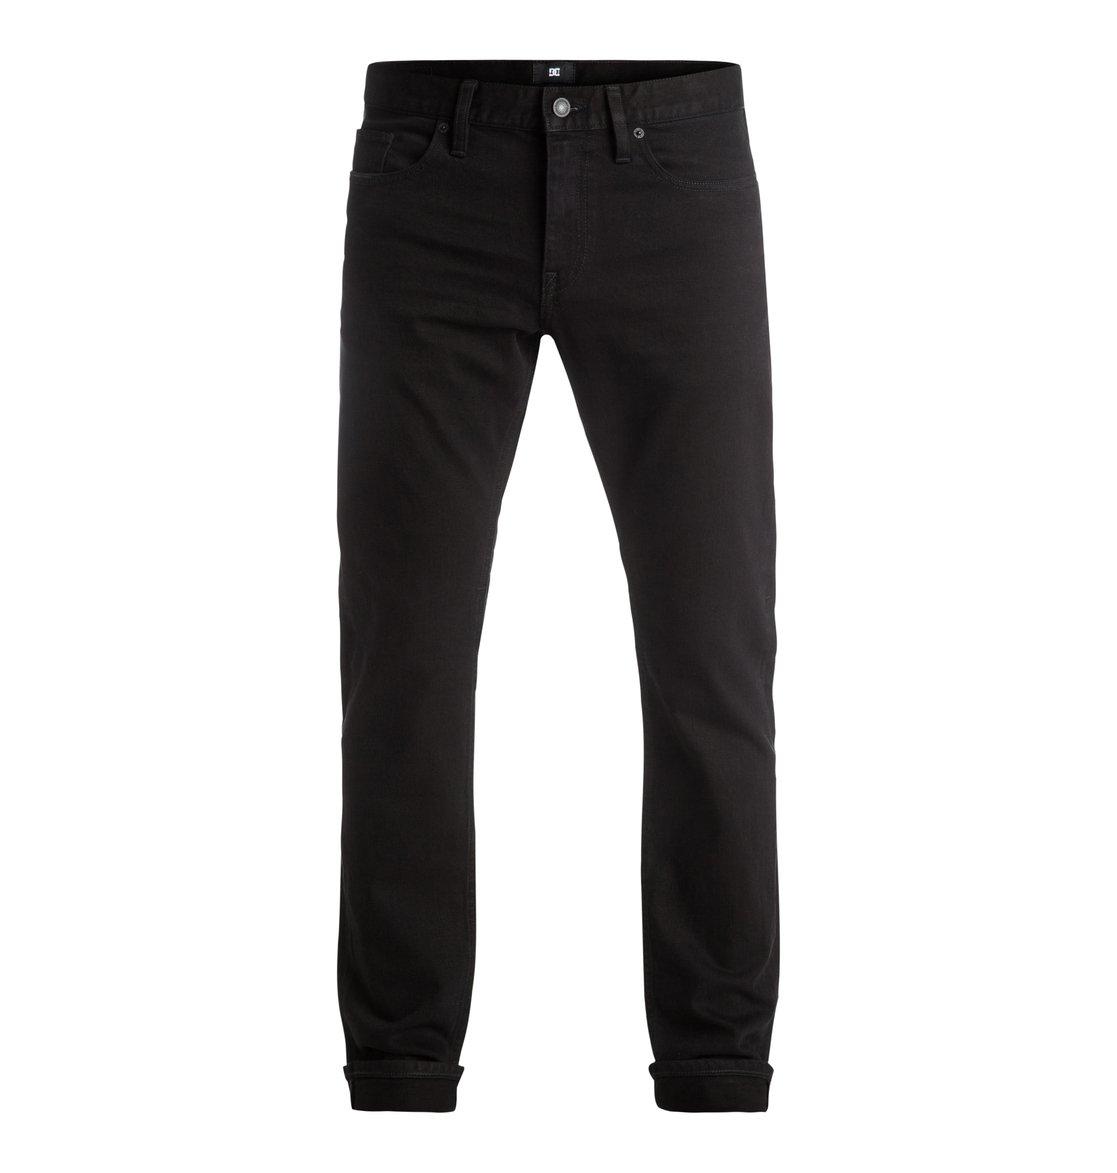 dc shoes worker rinse slim fit jeans men 34 black. Black Bedroom Furniture Sets. Home Design Ideas